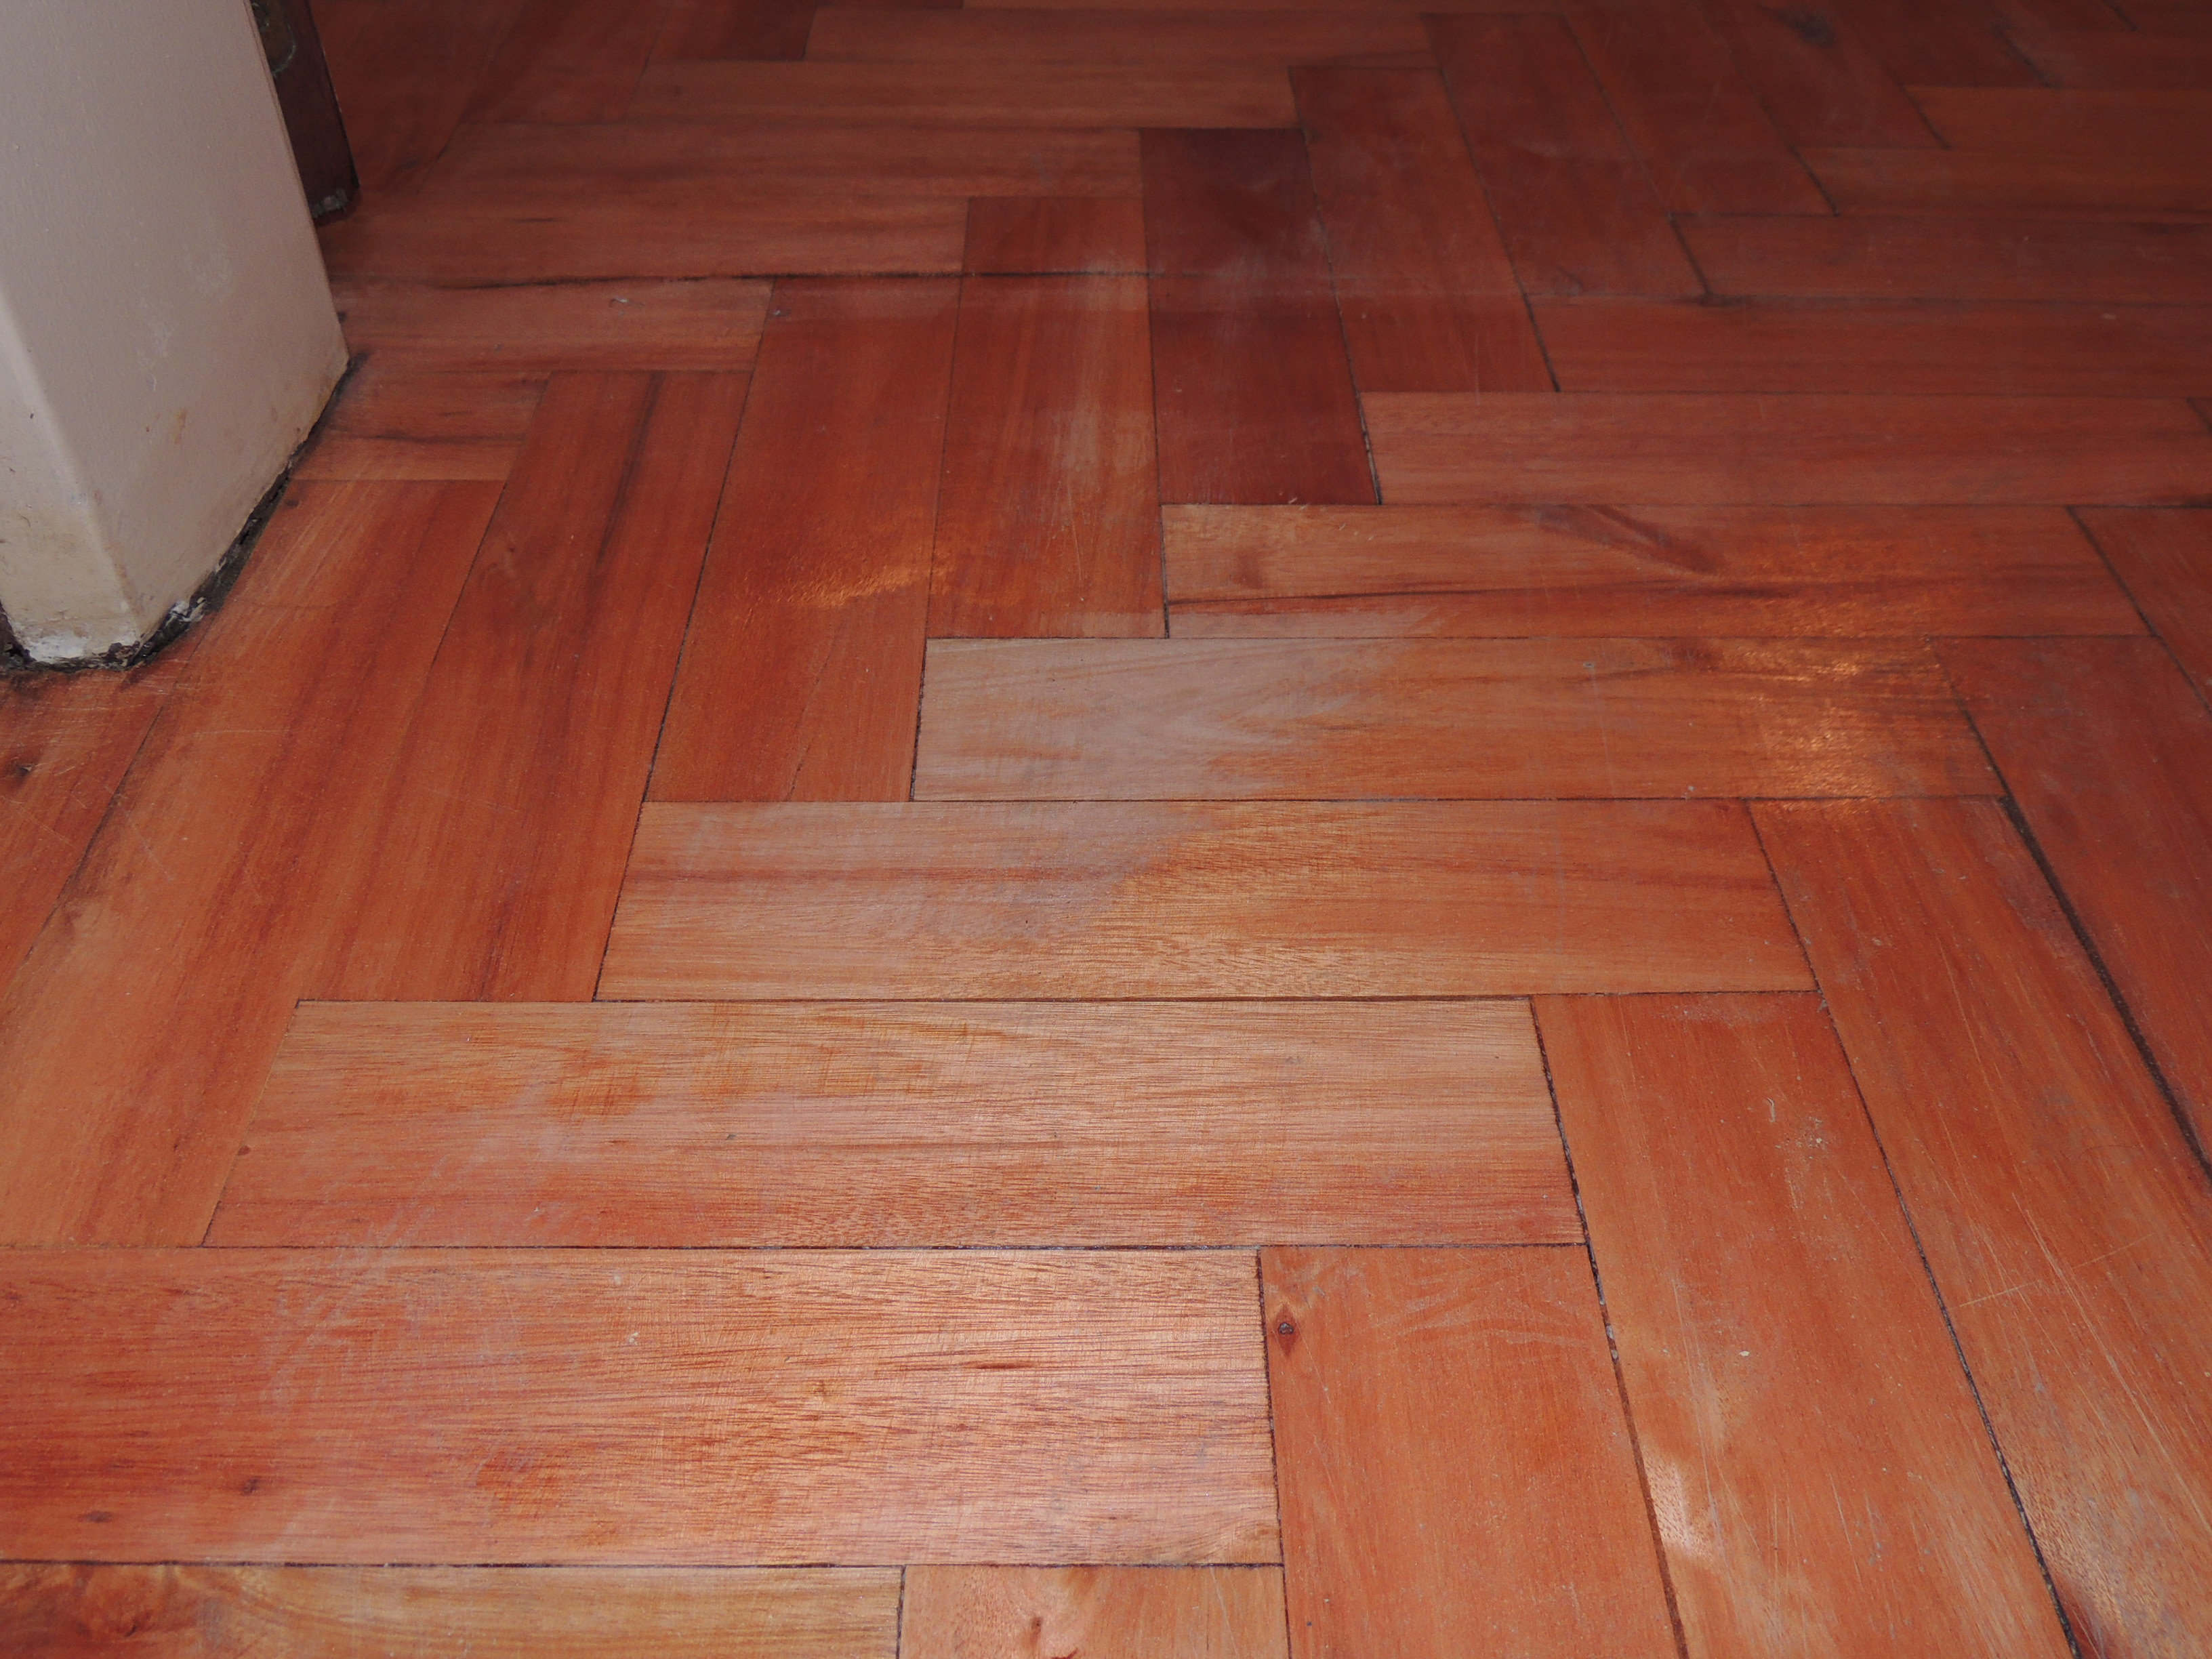 Los profesionales hacen la diferenciaalberplast pulido y - Rellenar juntas piso madera ...